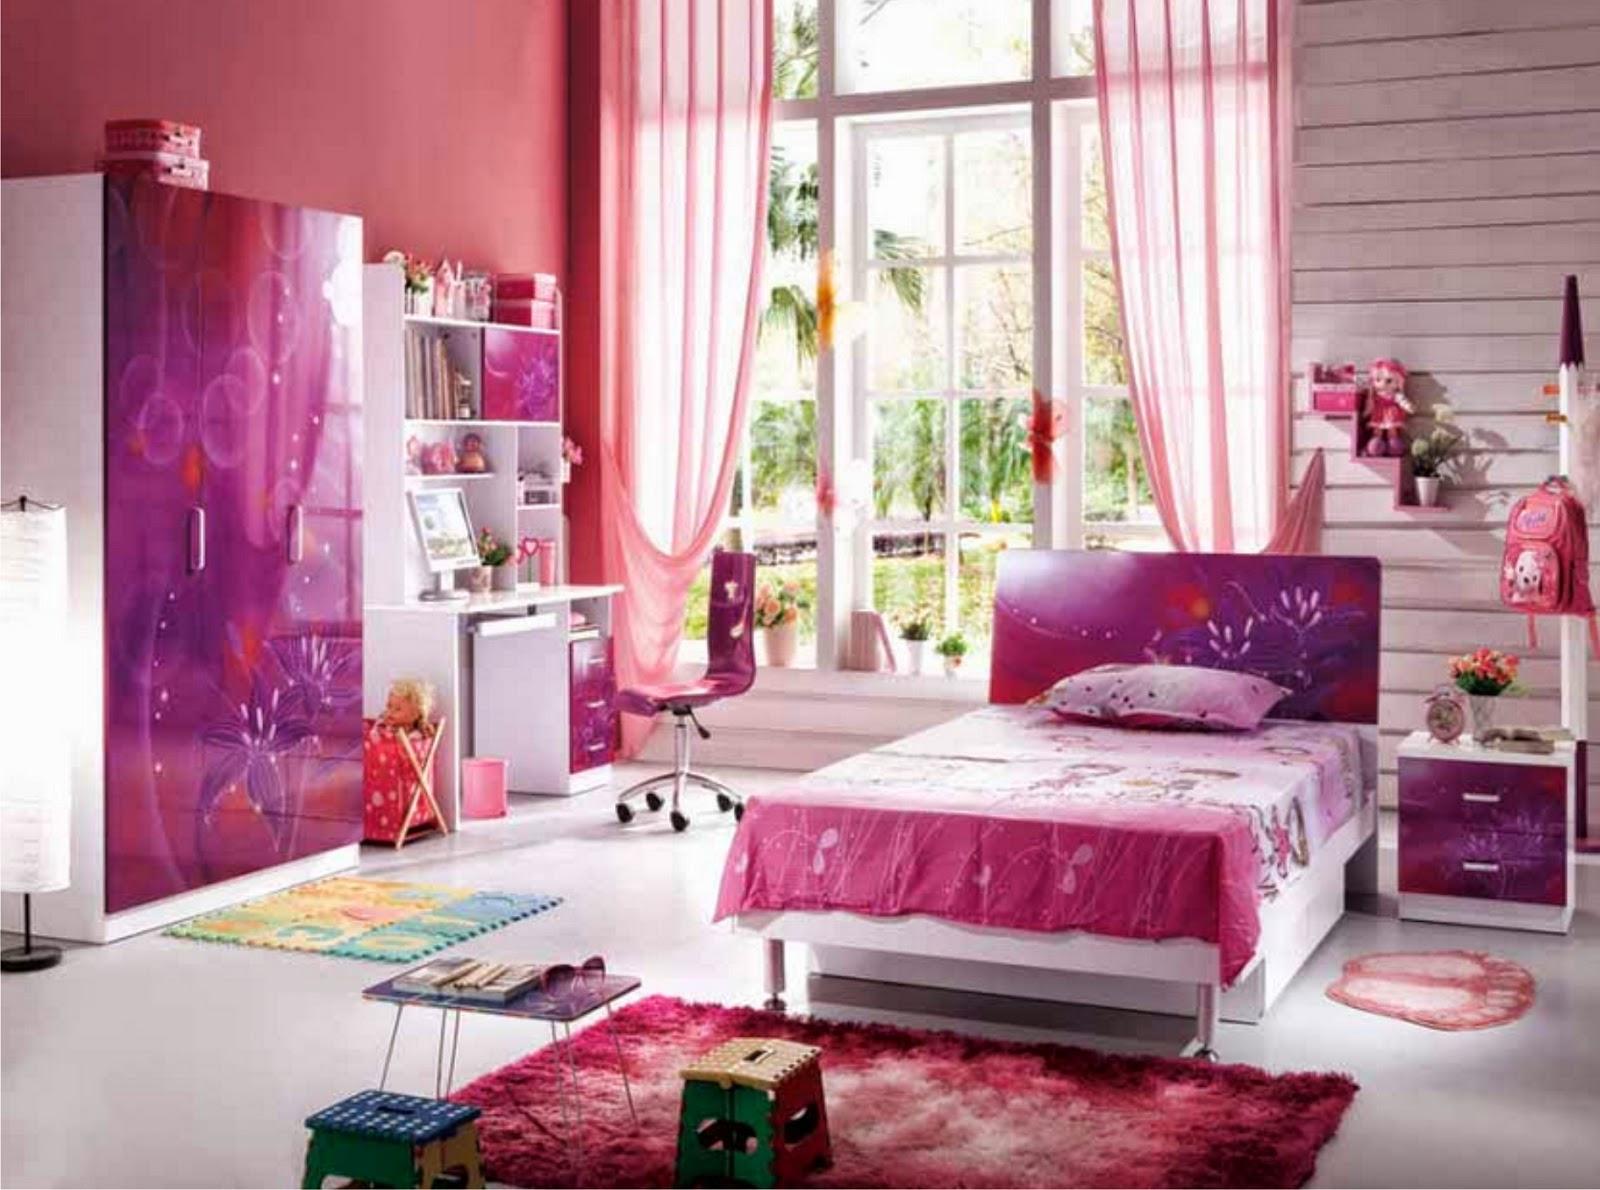 Desain kamar tidur perempuan 2014